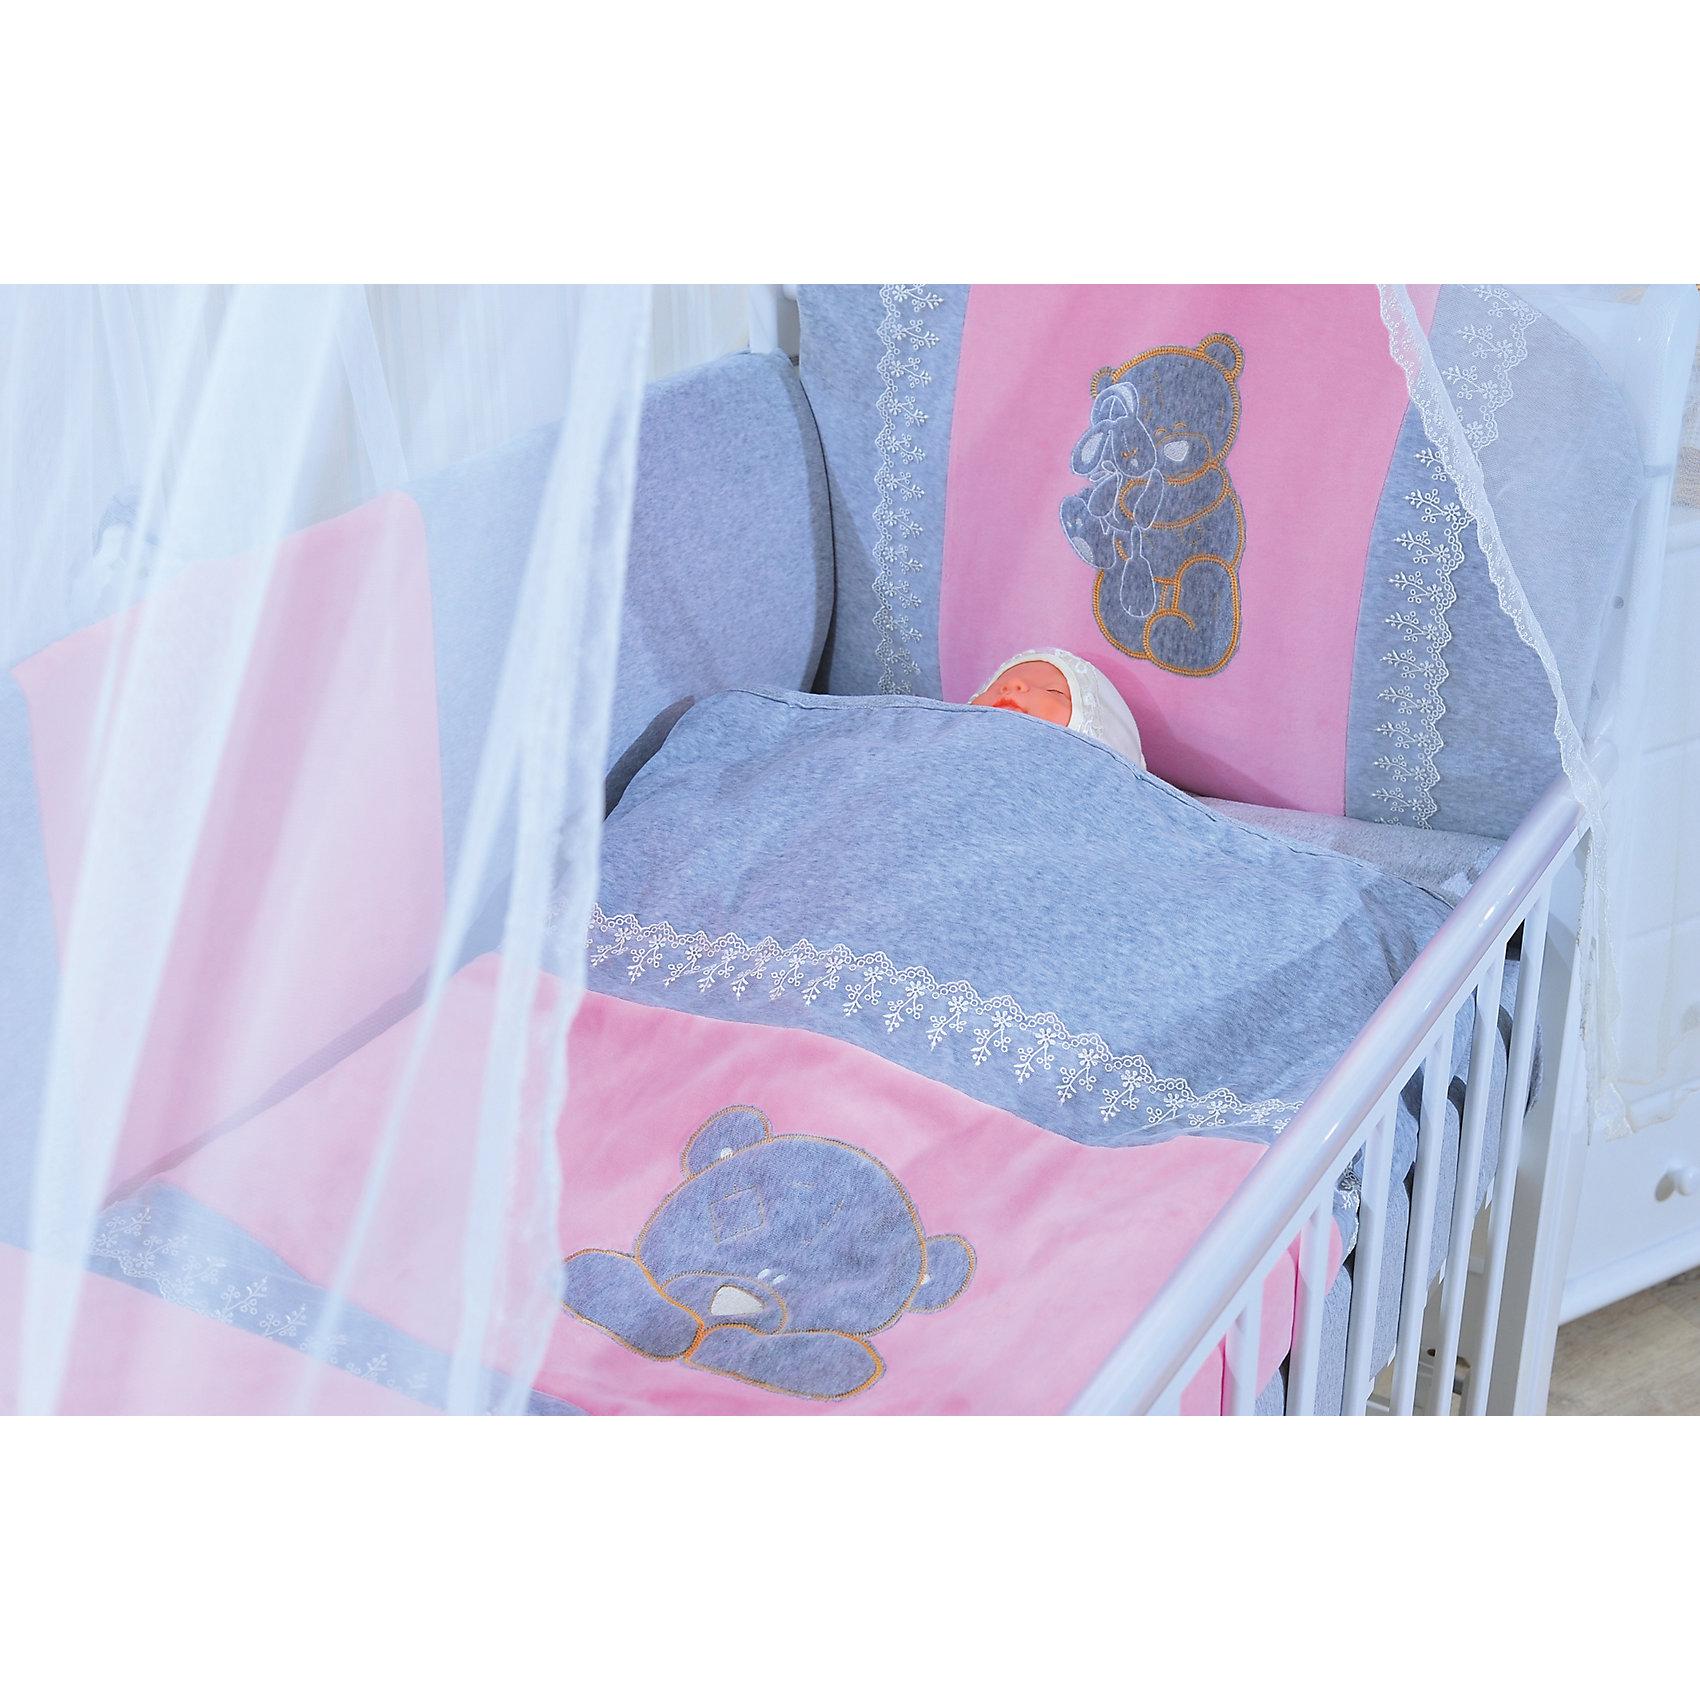 Комплект в кроватку 6 пред., GulSara, 46 розовыйПостельное бельё<br>Характеристики:<br><br>• Вид детского текстиля: комплект для детской кроватки<br>• Пол: для девочки<br>• Тематика рисунка: медвежонок<br>• Сезон: круглый год<br>• Материал: велюр, трикотаж, вуаль<br>• Наполнитель: синтепон и холофабер (полиэстер 100%)<br>• Цвет: розовый, голубой<br> одеяло -плед– 1 шт. 110*140 см <br> простынь на резинке – 1 шт. 100*140 см<br> наволочка – 1 шт. 40*60 см<br> подушка – 1 шт. 40*60 см<br> бортики – 4 части (Д*В): 360*40 см <br> балдахин – 1 шт. 400*150 см<br>• Способ крепления к кроватке бортиков: завязки <br>• Упаковка: полиэтилен <br>• Вес в упаковке: 1 кг 780 г<br>• Особенности ухода: ручная или машинная стирка на деликатном режиме при температуре не более 30 градусов без применения красящих и отбеливающих веществ<br><br>Комплект в кроватку 6 пред., GulSara, 46 розовый от отечественного швейного производства, который выпускает современный текстиль и товары для новорожденных, изготовленных на основе вековых традиций. В своем производстве GulSara использует только экологичные и натуральные материалы, что обеспечивает их безопасность даже для малышей с чувствительной кожей. Комплект из 6-ти предметов предназначен для детской кроватки стандартного размера и включает в себя: плед, подушку, наволочку, простынь, бортики и балдахин. <br><br>Все изделия выполнены из натуральных тканей с повышенными гигиеническими характеристиками. При частых стирках ткань сохраняет свои свойства: не изменяет формы и плотности полотна, не выцветает. Бортики выполнены из 4-х частей, каждая из которых крепится к кроватке при помощи завязок. Комплект выполнен в едином стиле: сочетание элементов розового и голубых оттенков декорировано аппликацией из медвежат и кружевом белого цвета.<br><br>Комплект в кроватку 6 пред., GulSara, 46 розовый – постельное белье, которое обеспечит здоровый и спокойный сон для вашего малыша! <br><br>Комплект в кроватку 6 пред., GulSara, 46 розовый можно купить в нашем 